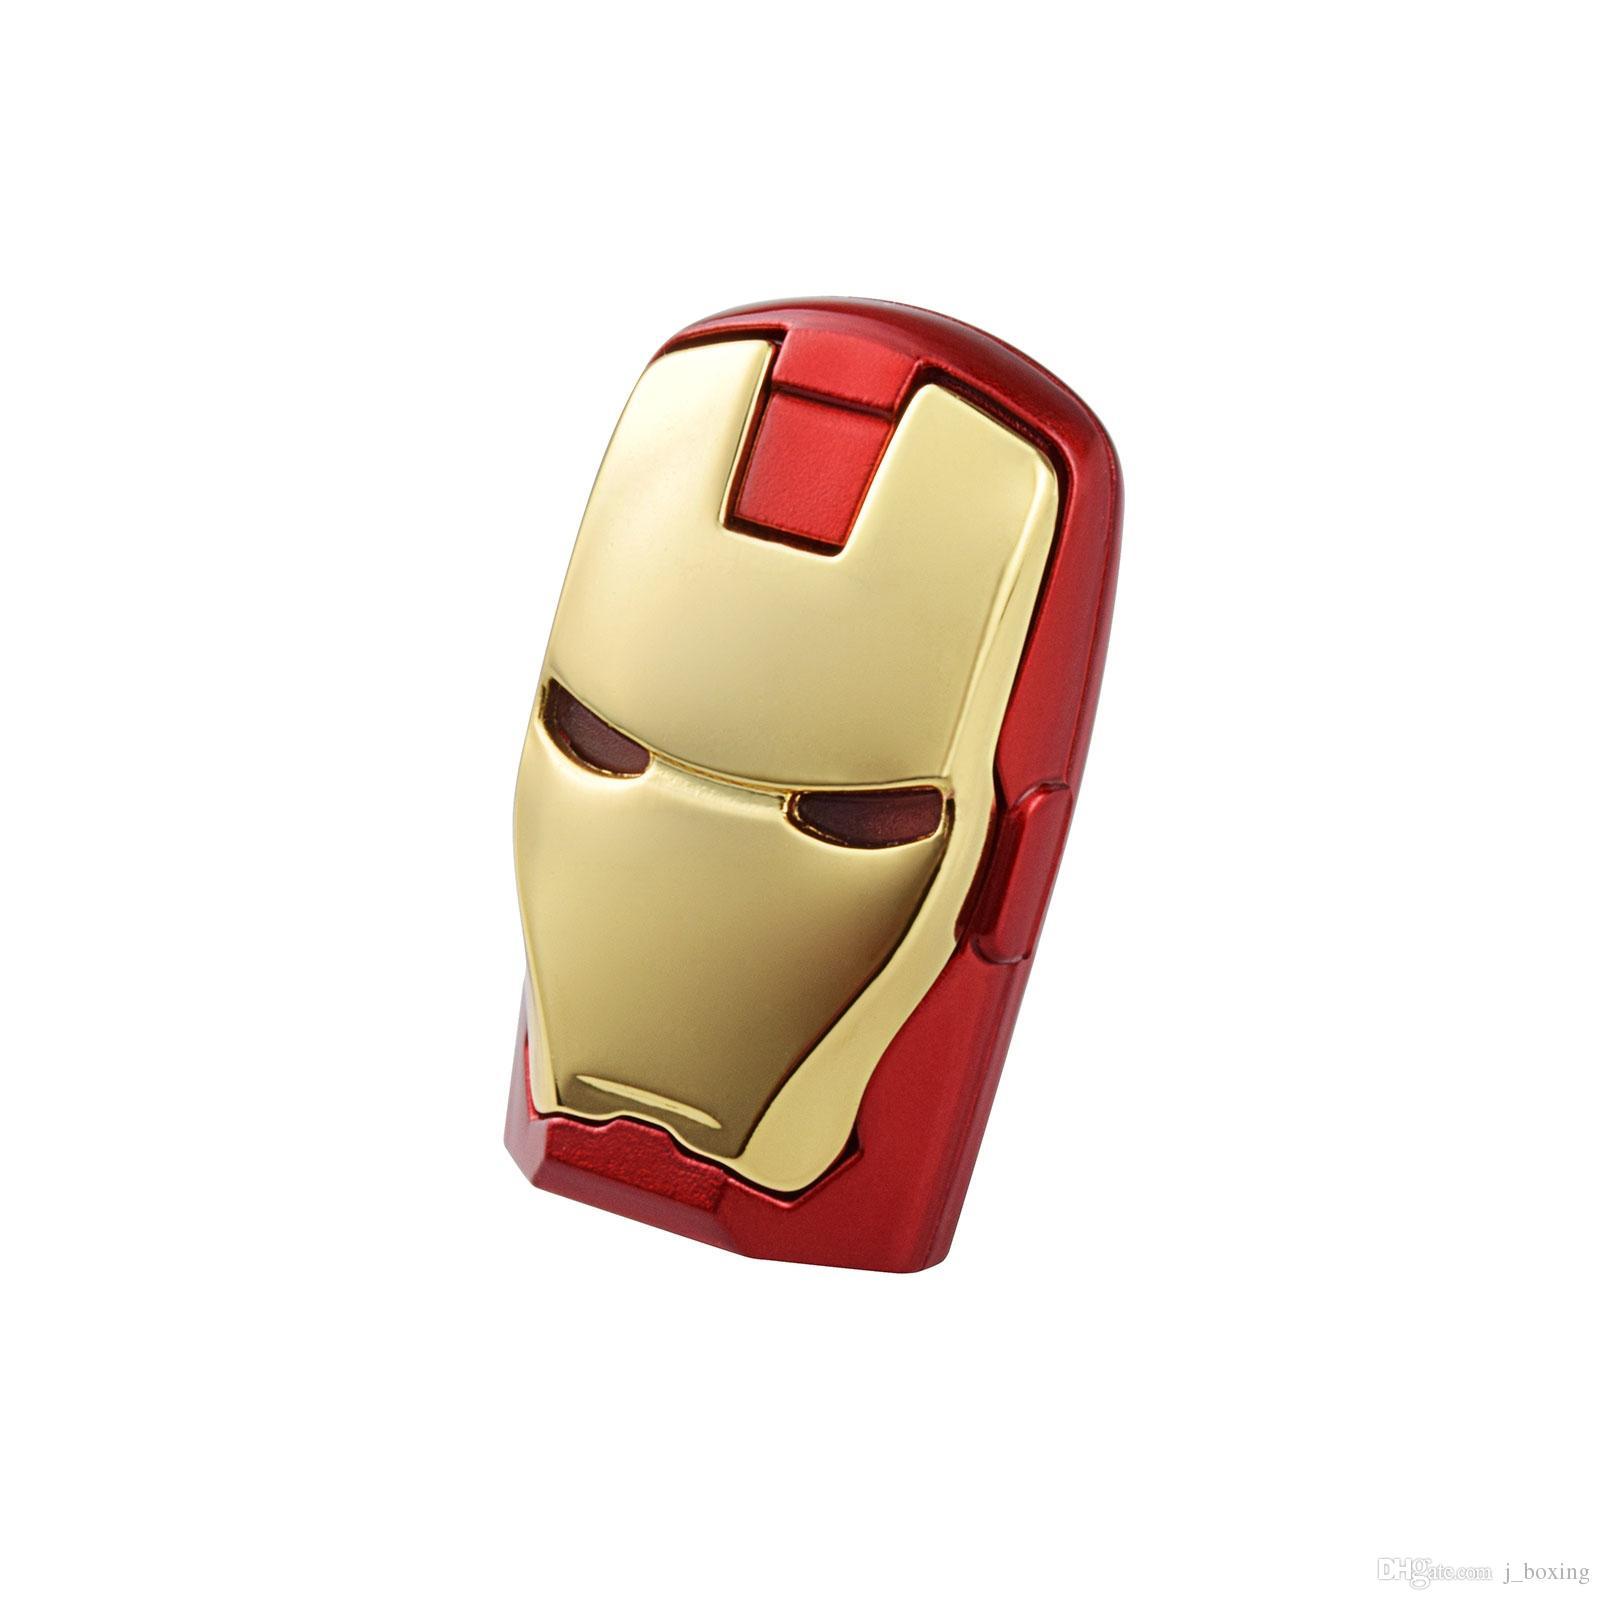 Free Shipping 10PCS/LOT 1GB LED Iron Man USB Flash Drives Thumb Pen Drives Storage for PC Laptop Tablet 1gb USB 2.0 Memory Stick Gold